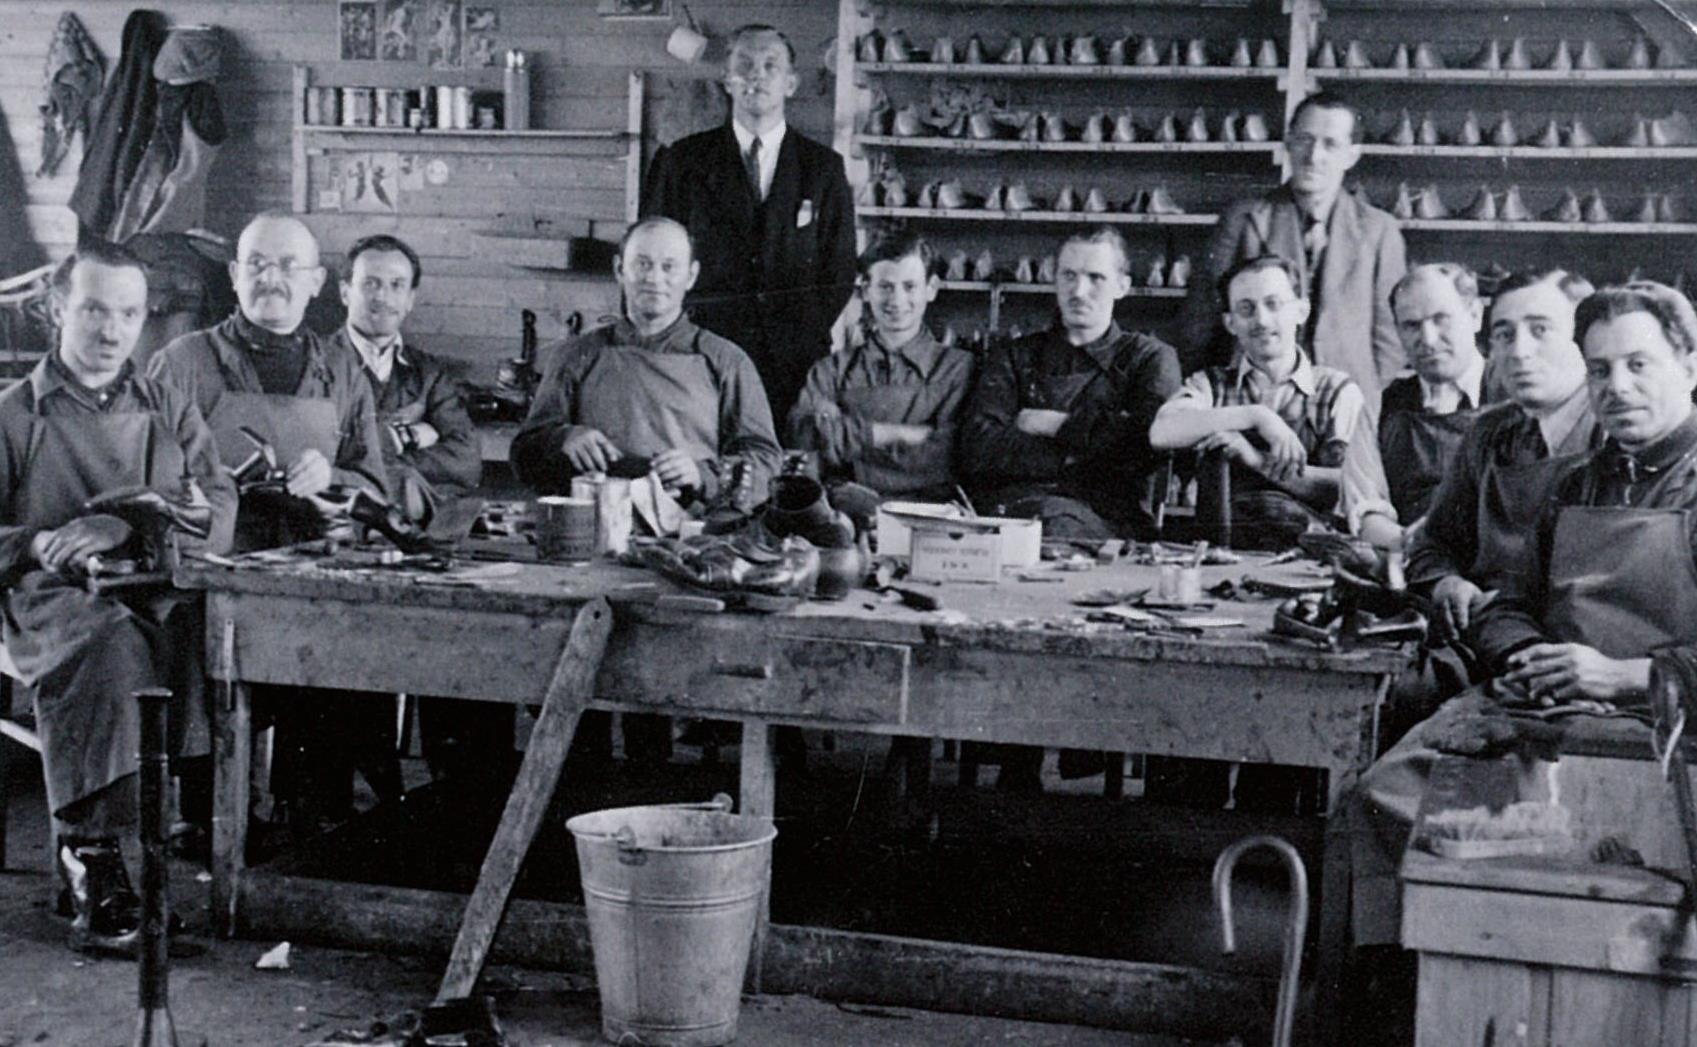 Schoenmakers in kamp Westerbork, 1942.